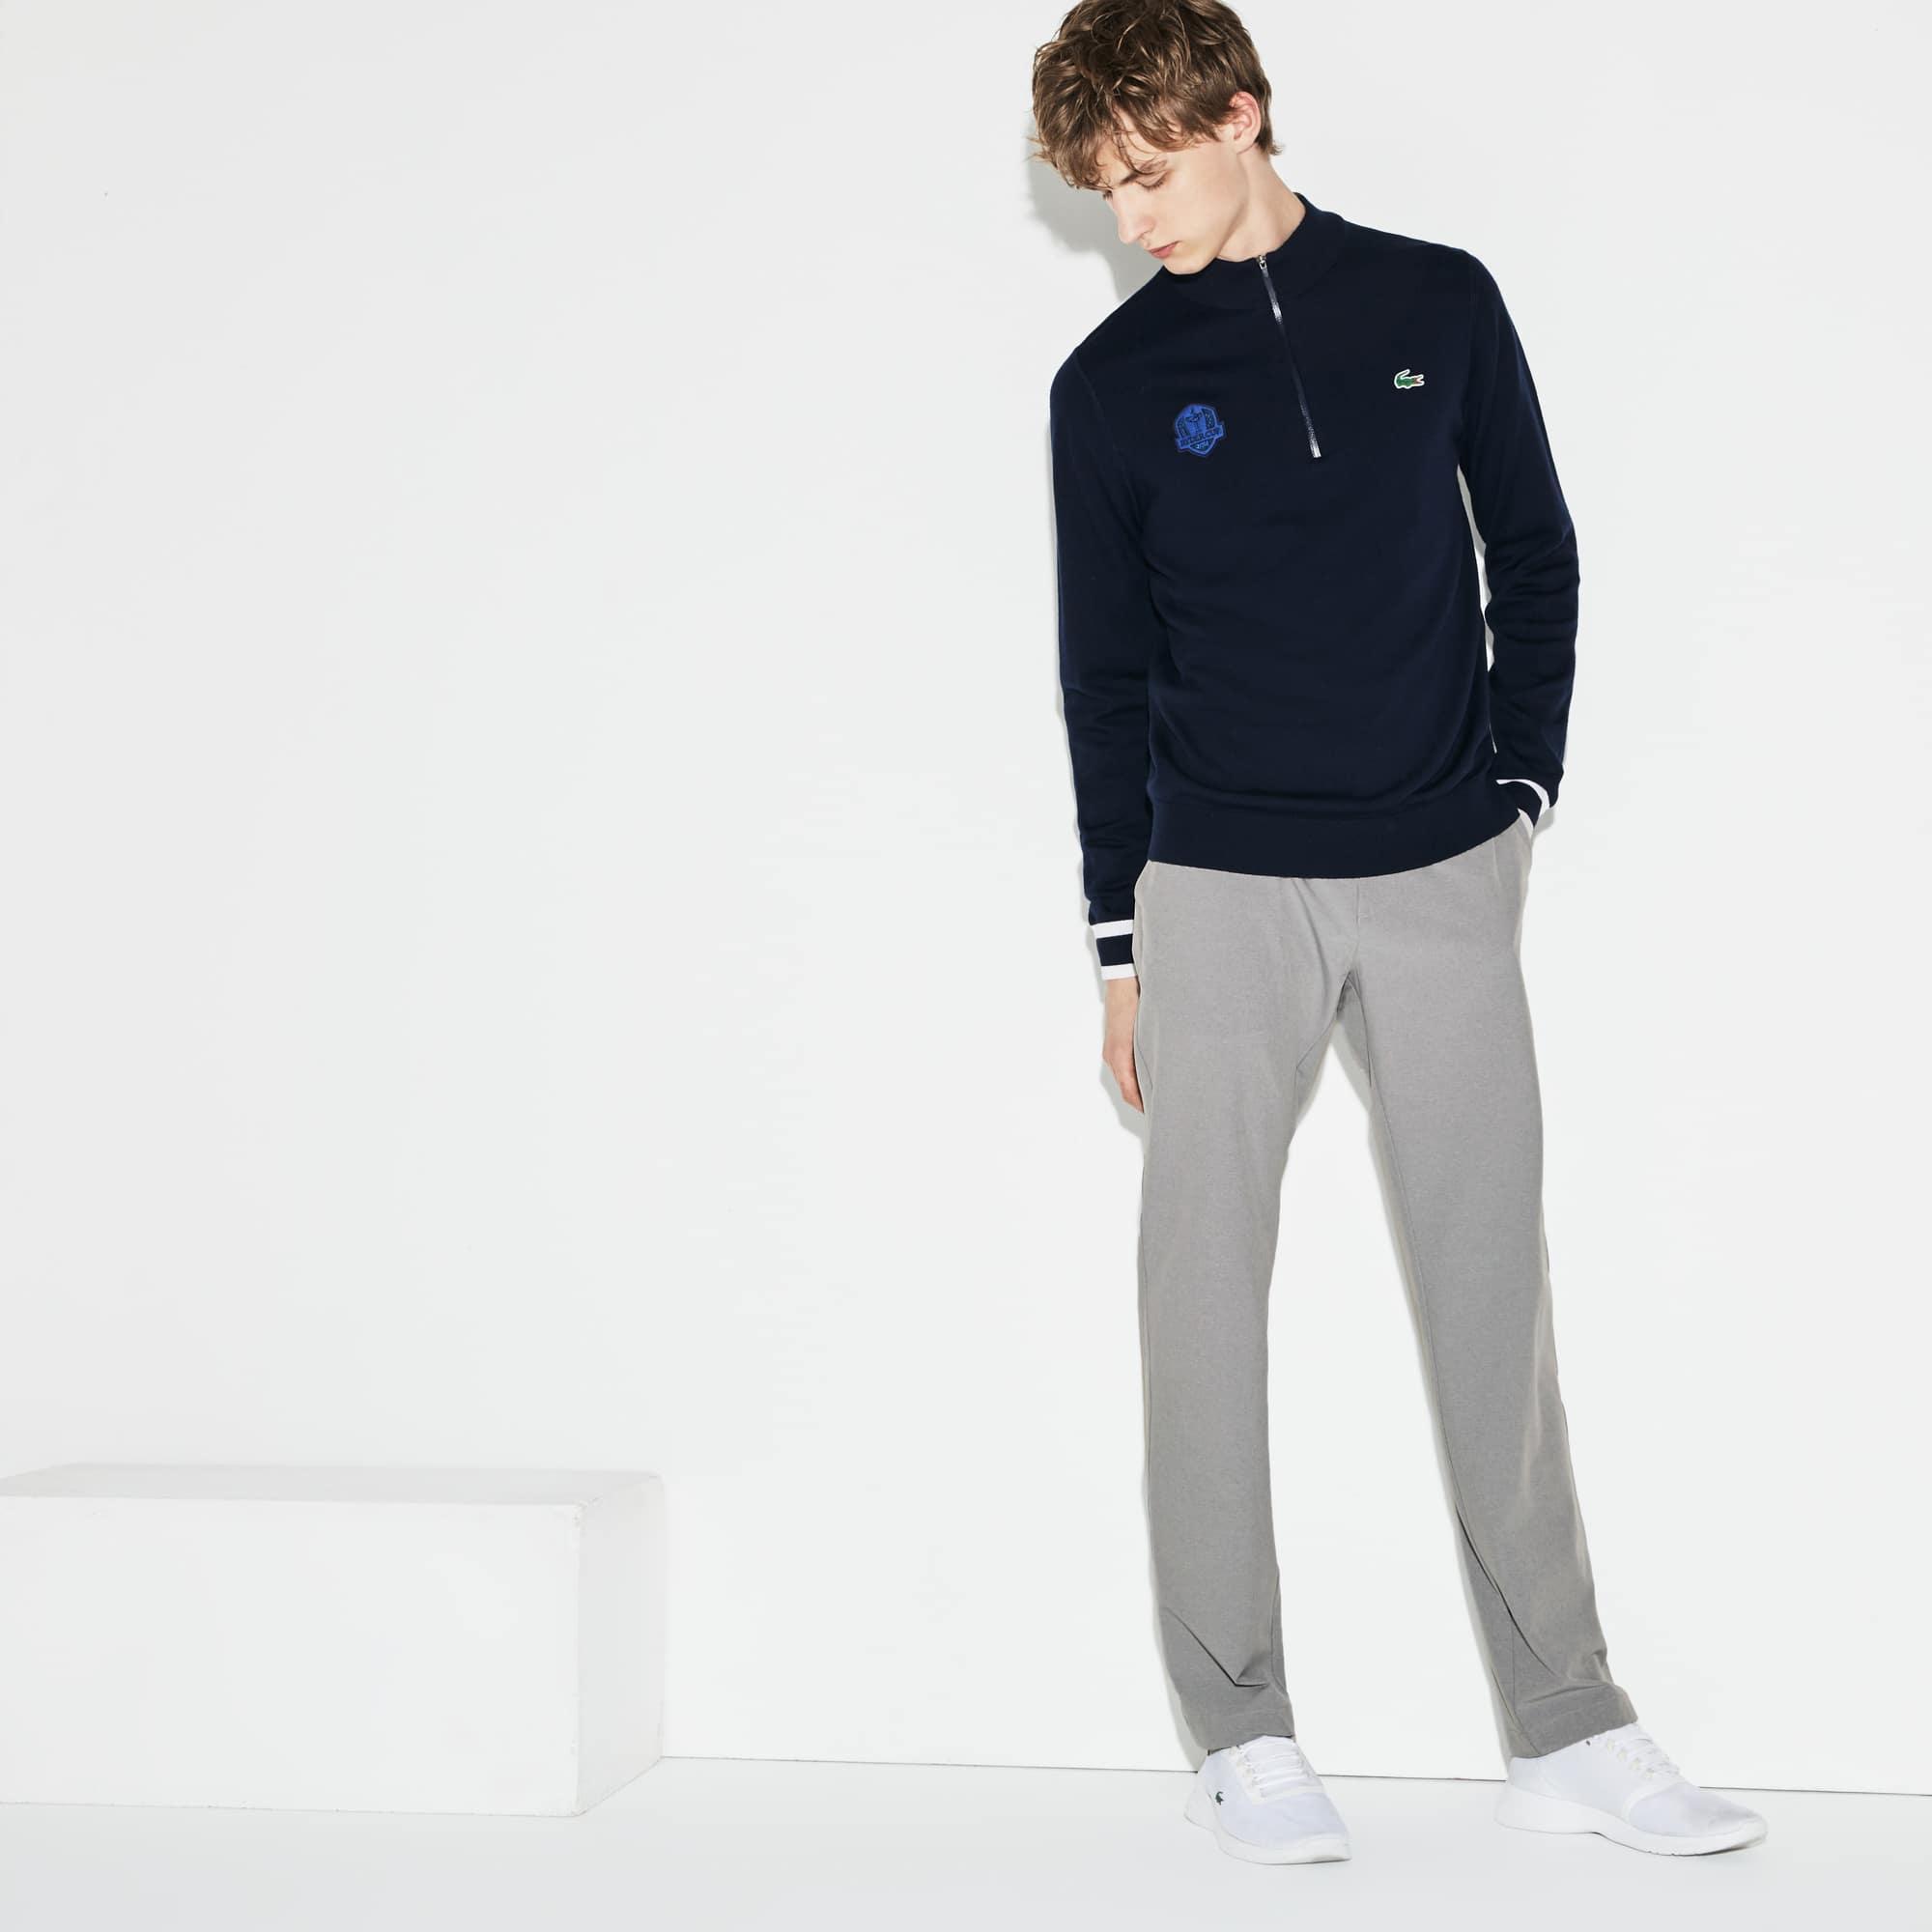 Pantalón chino Golf Lacoste SPORT de tafetán Edición Ryder Cup